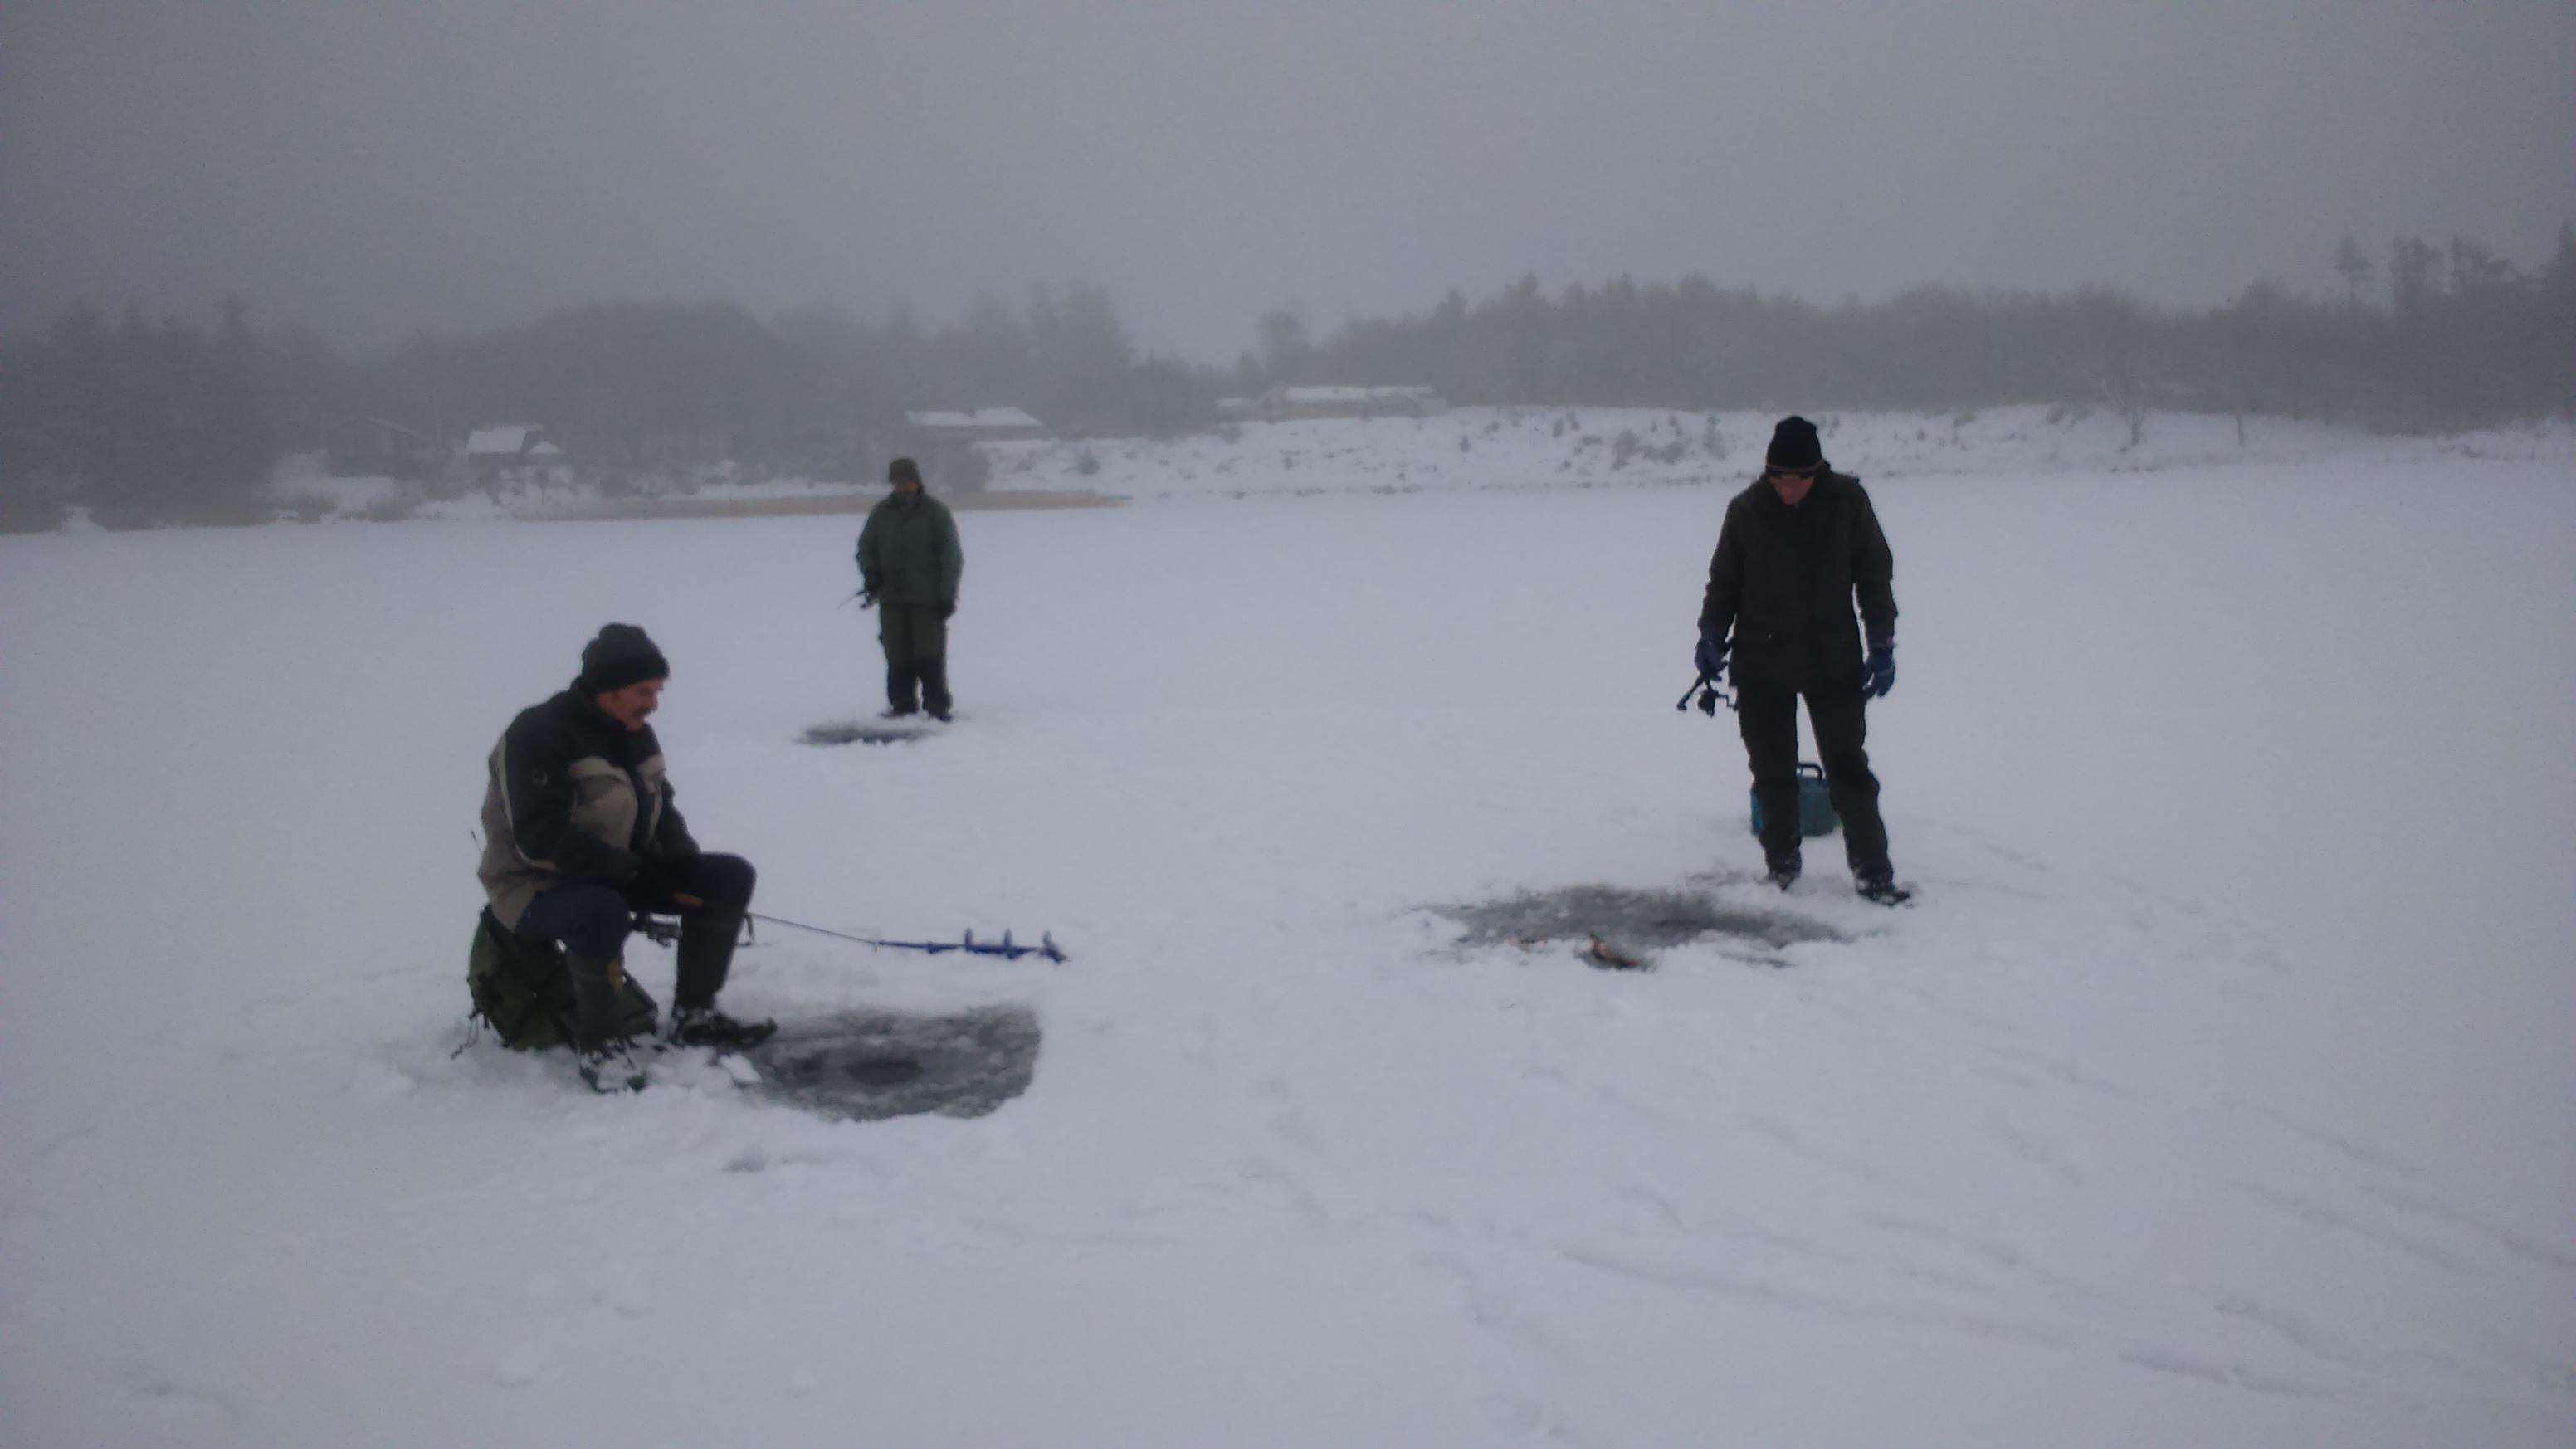 Tre lystfiskere – Torben, Aage og Vagn – viser her dyb koncentration under fiskeriet. Hans – vor is-fiskeekspert -  var fotograf på turen.